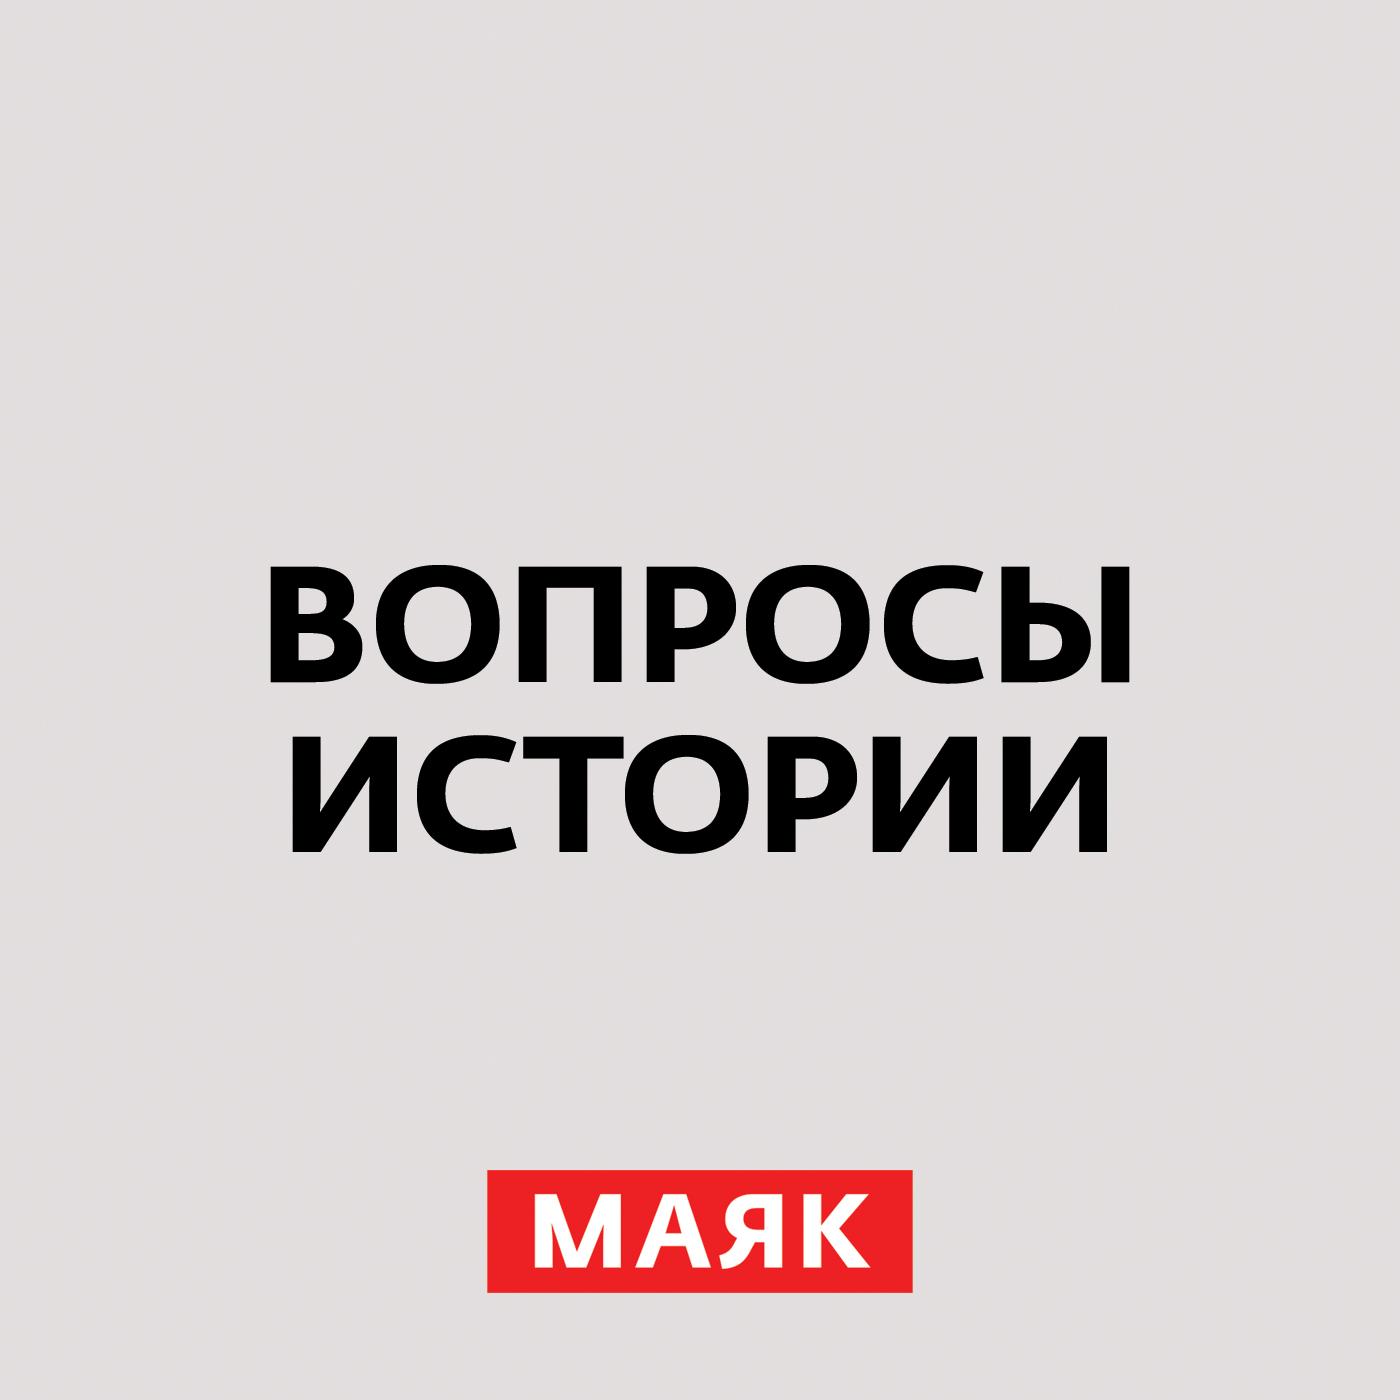 Андрей Светенко Дело без срока давности. Кто убил Кирова? Часть 1